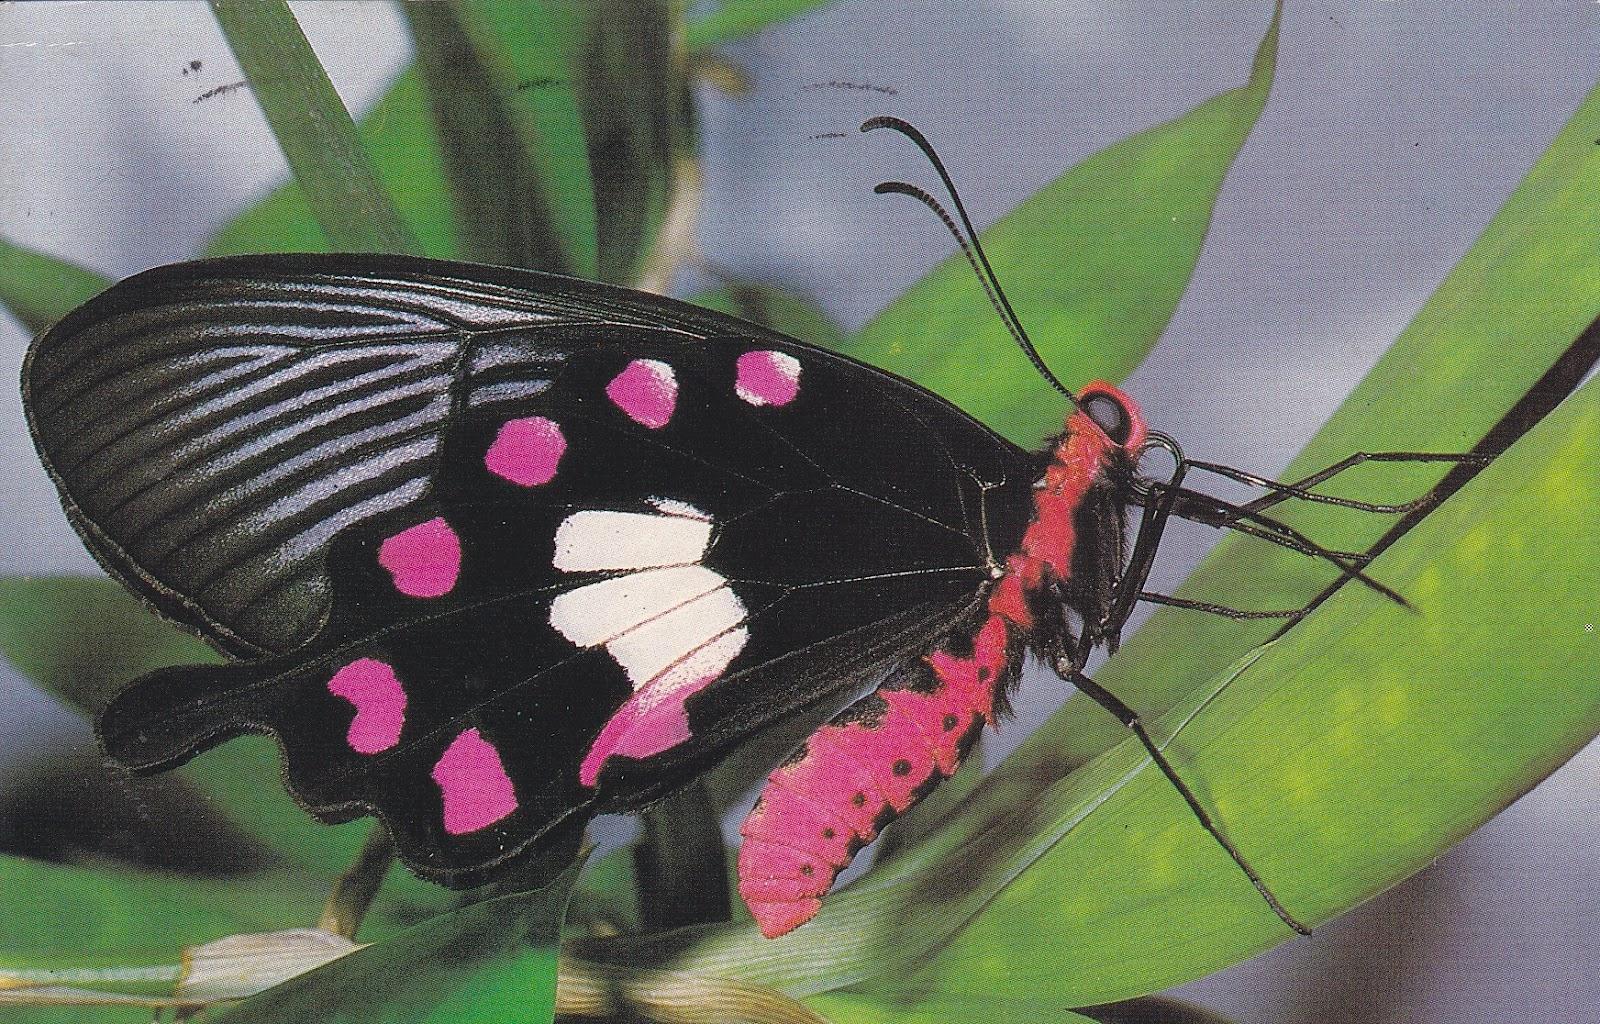 Indian Flag Butterflies: My World-wide Postcard: Another Malaysian Butterflies Postcard